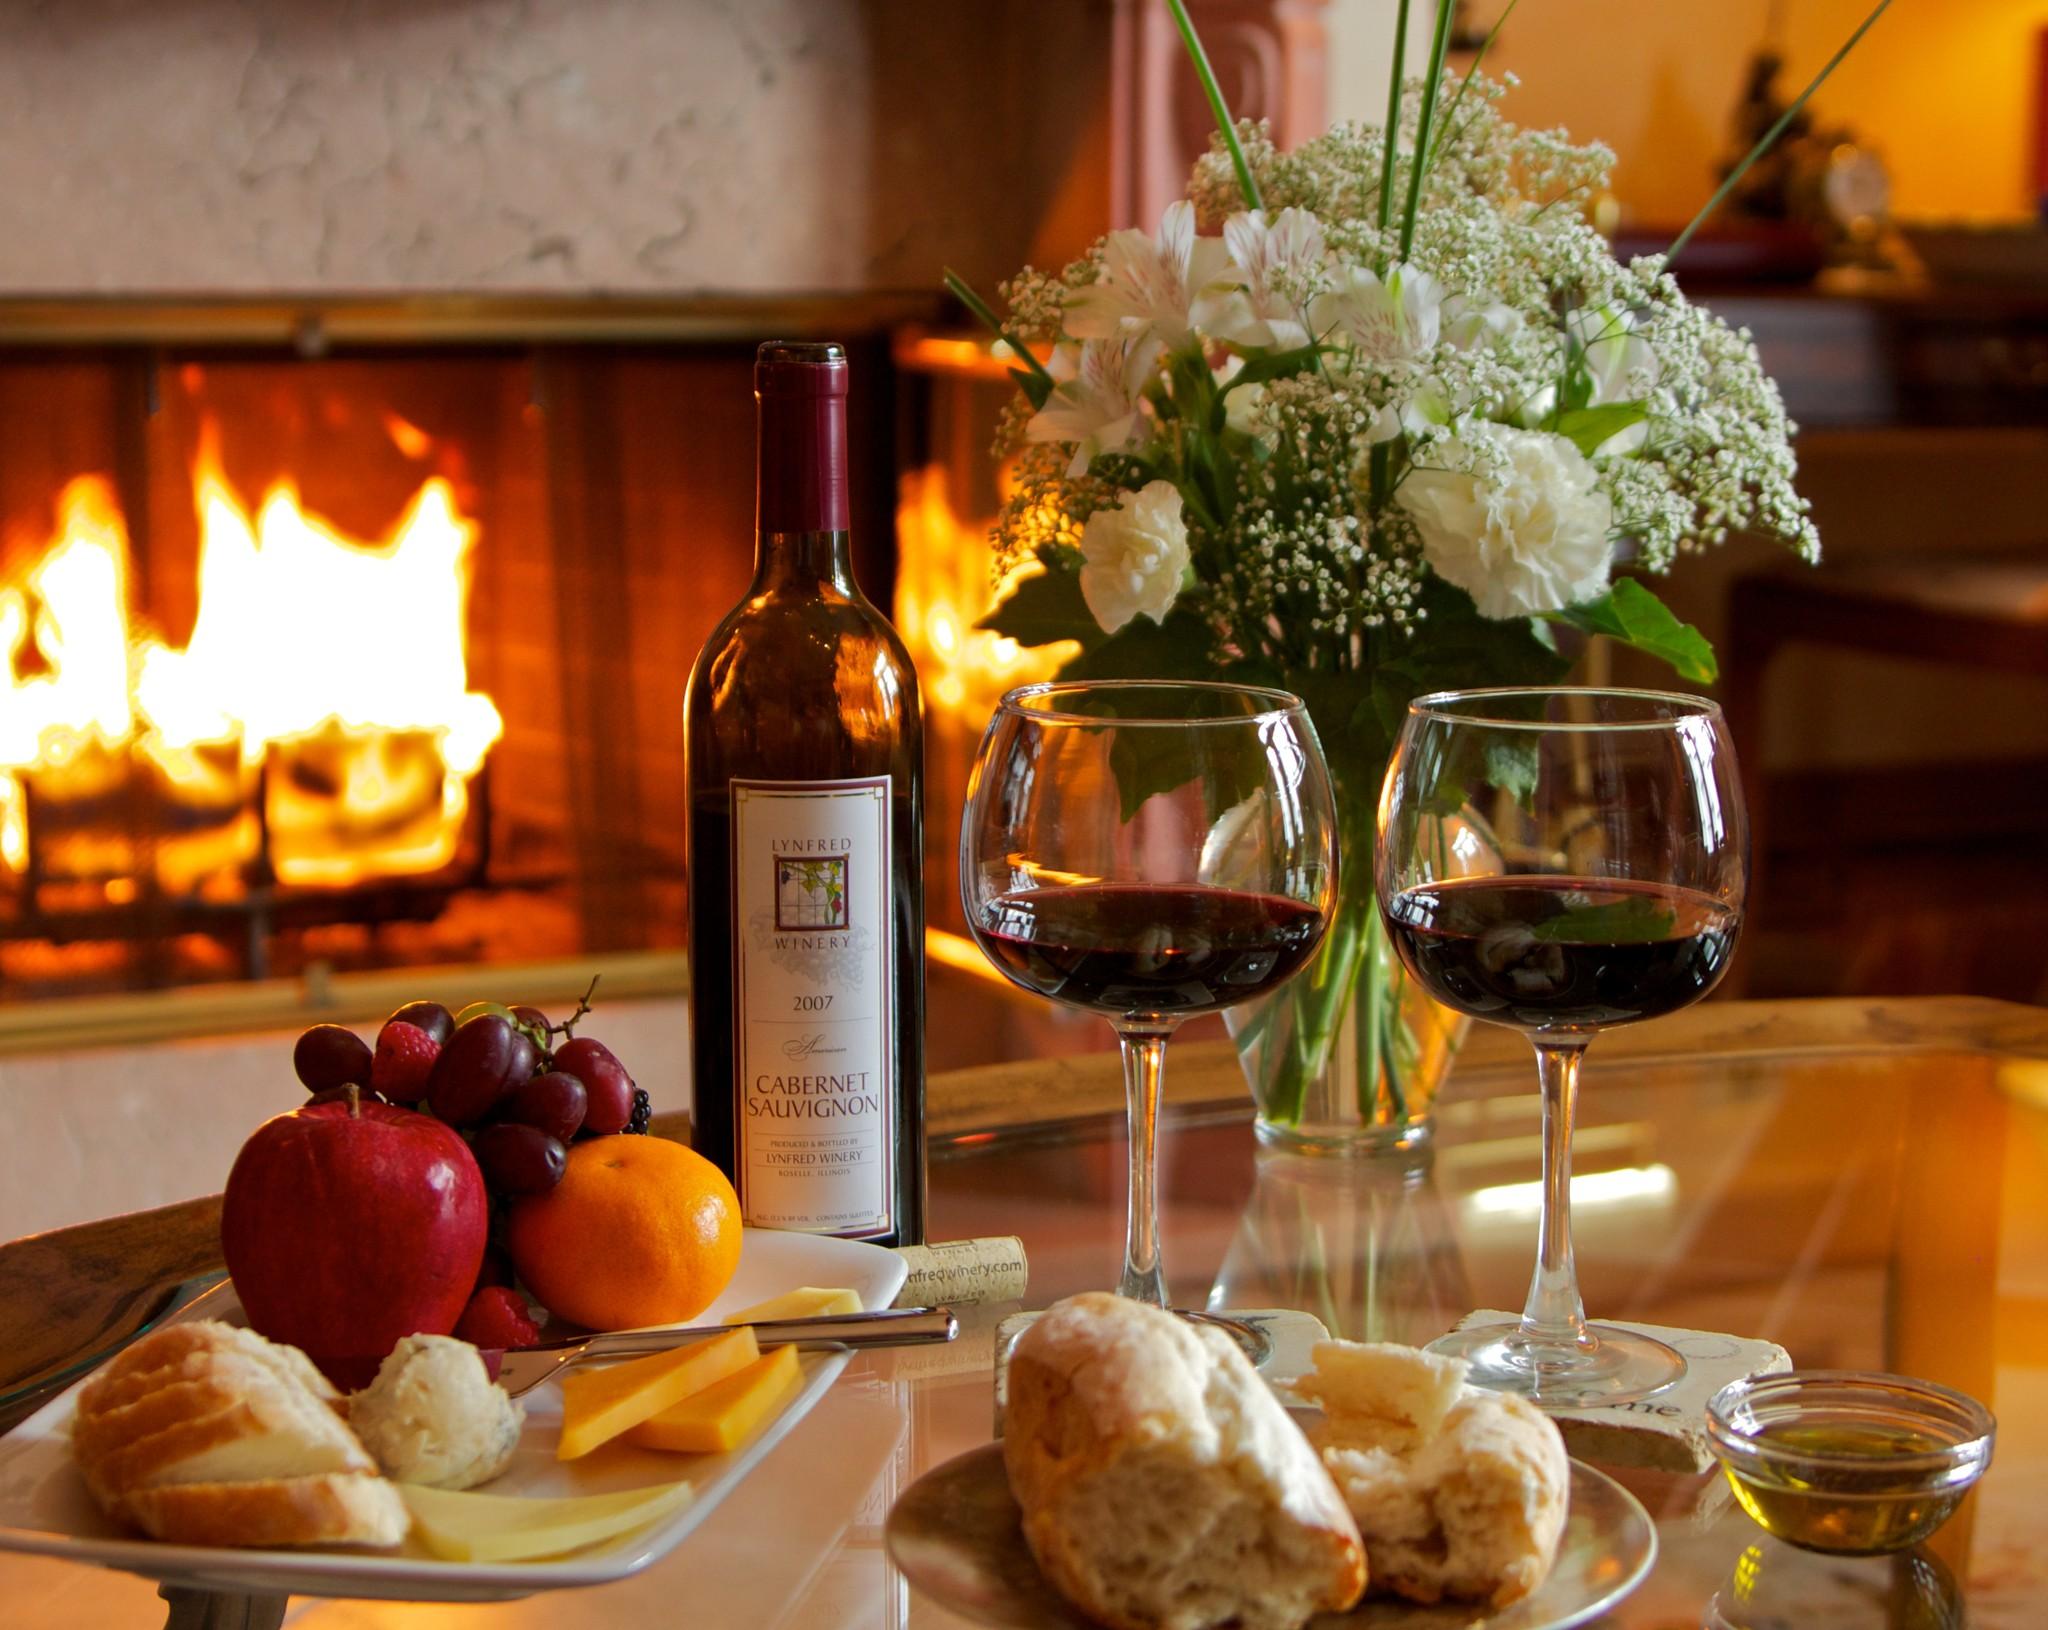 Открытка приятного вечера и отличных выходных